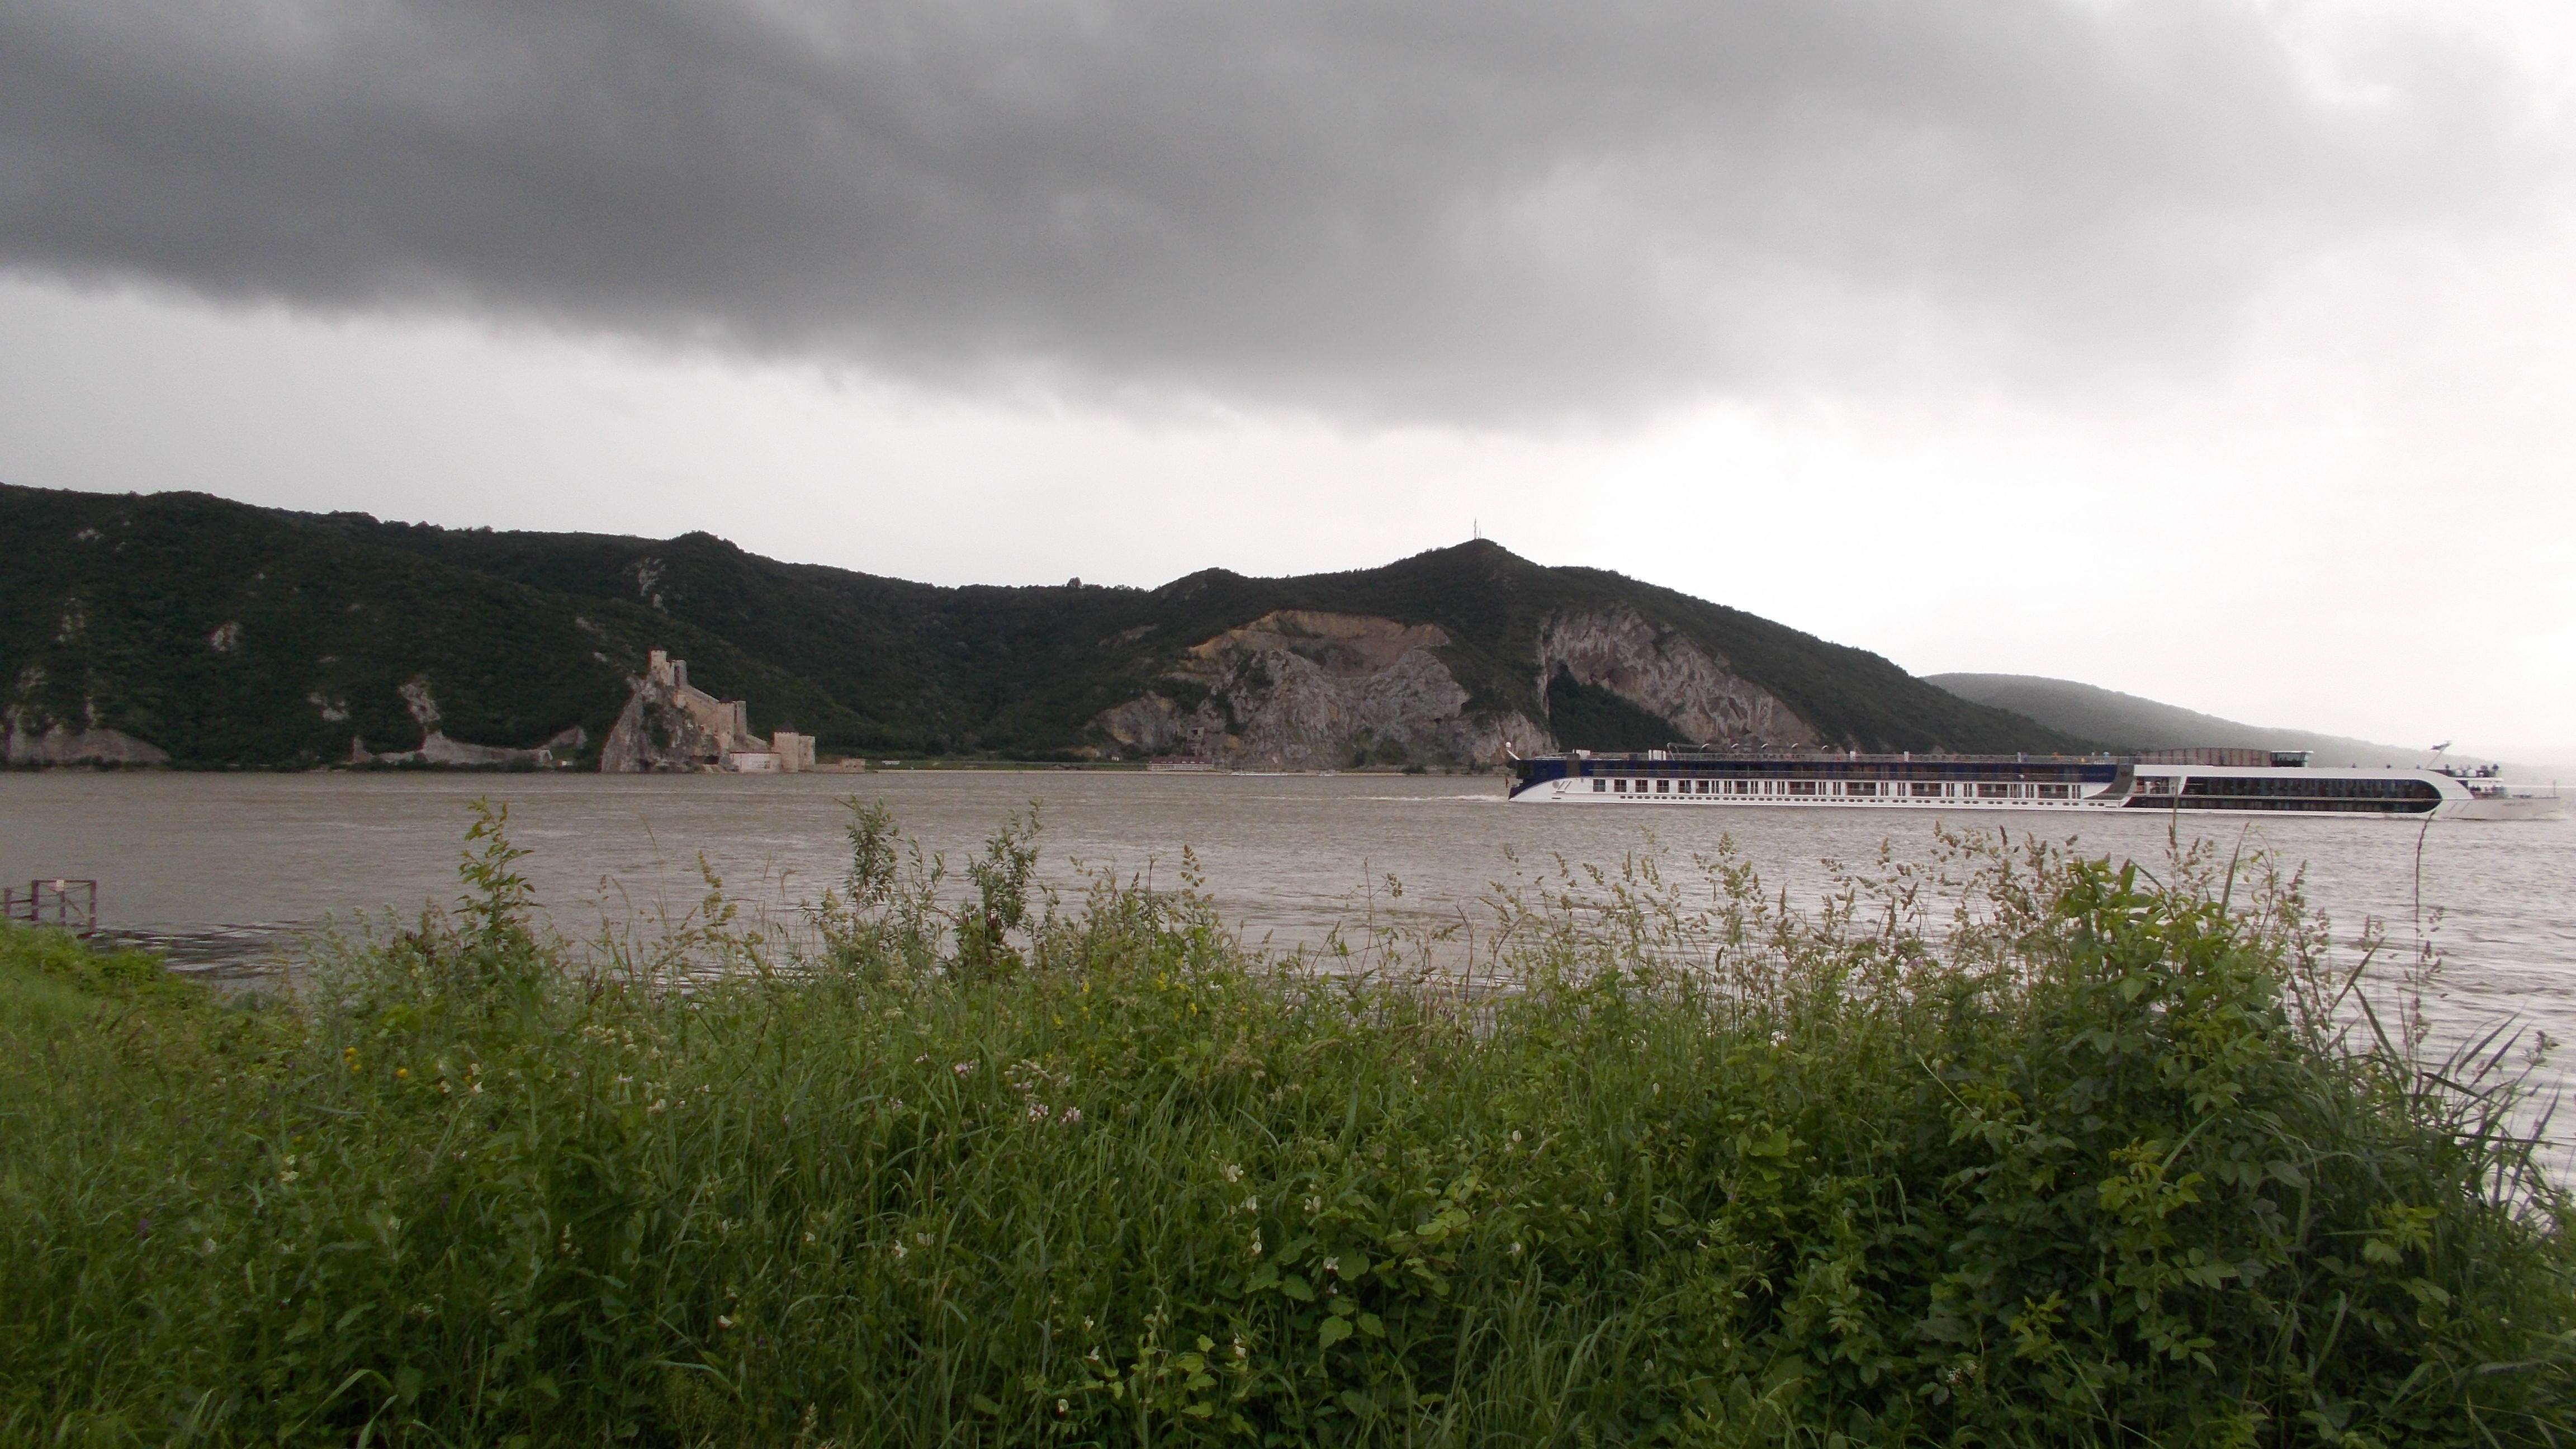 Tun funciar în Clisura Dunării cu sprijinul primarului comunei Berzasca. Oliver Ieremici, consilier local - plângere împotriva deciziei de a vinde terenurile din satul Colza, de pe malul Dunării